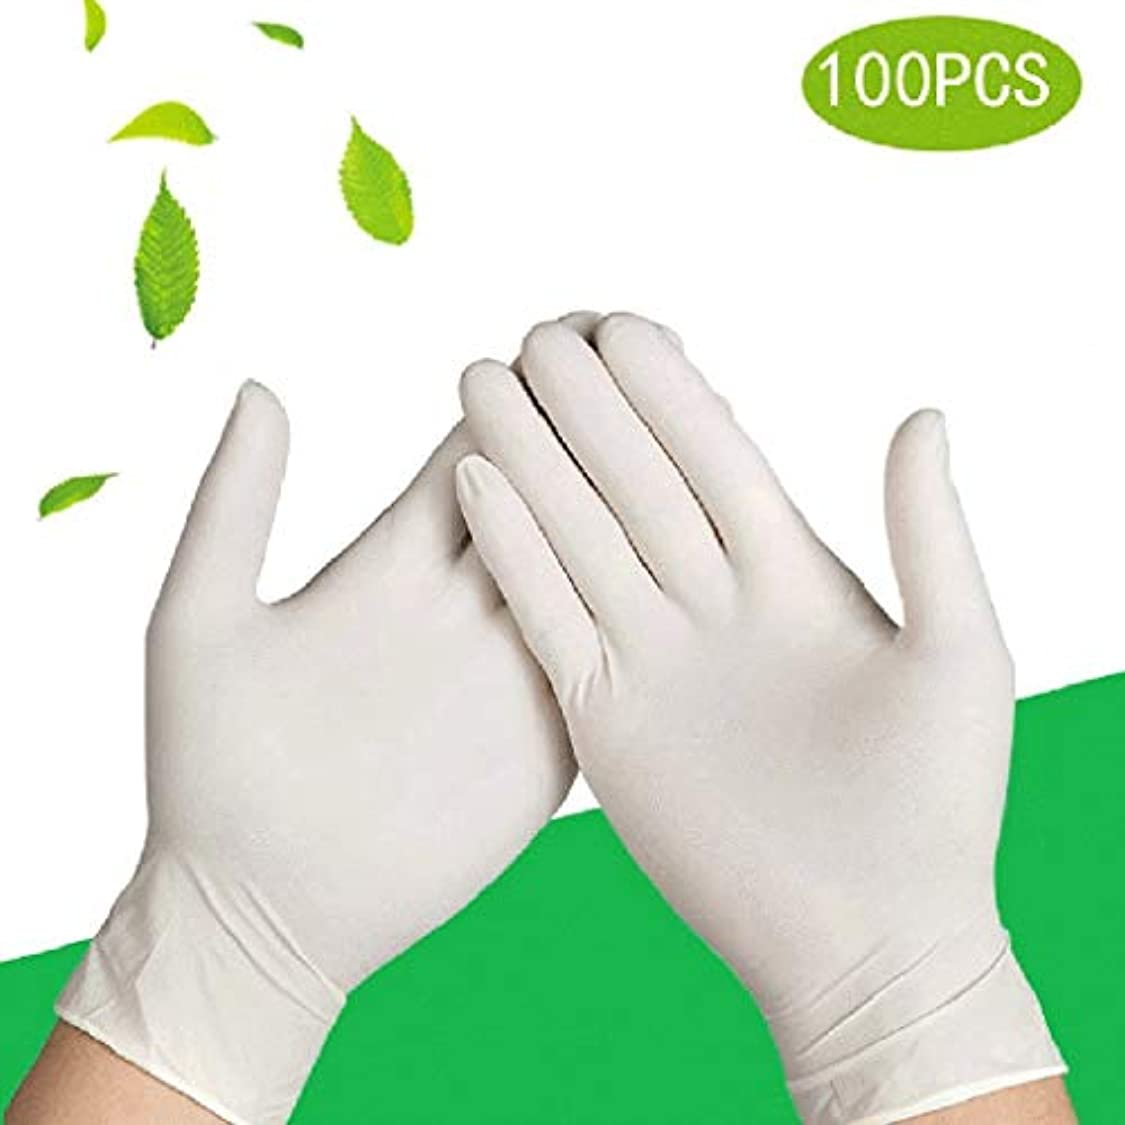 誤解するエンディングを通して100倍使い捨て手袋軽量安全フィットニトリル手袋ミディアムパウダーフリーラテックスフリーライト作業クリーニング園芸医療グレードタトゥーパーソナルケア絵画 (Size : M)